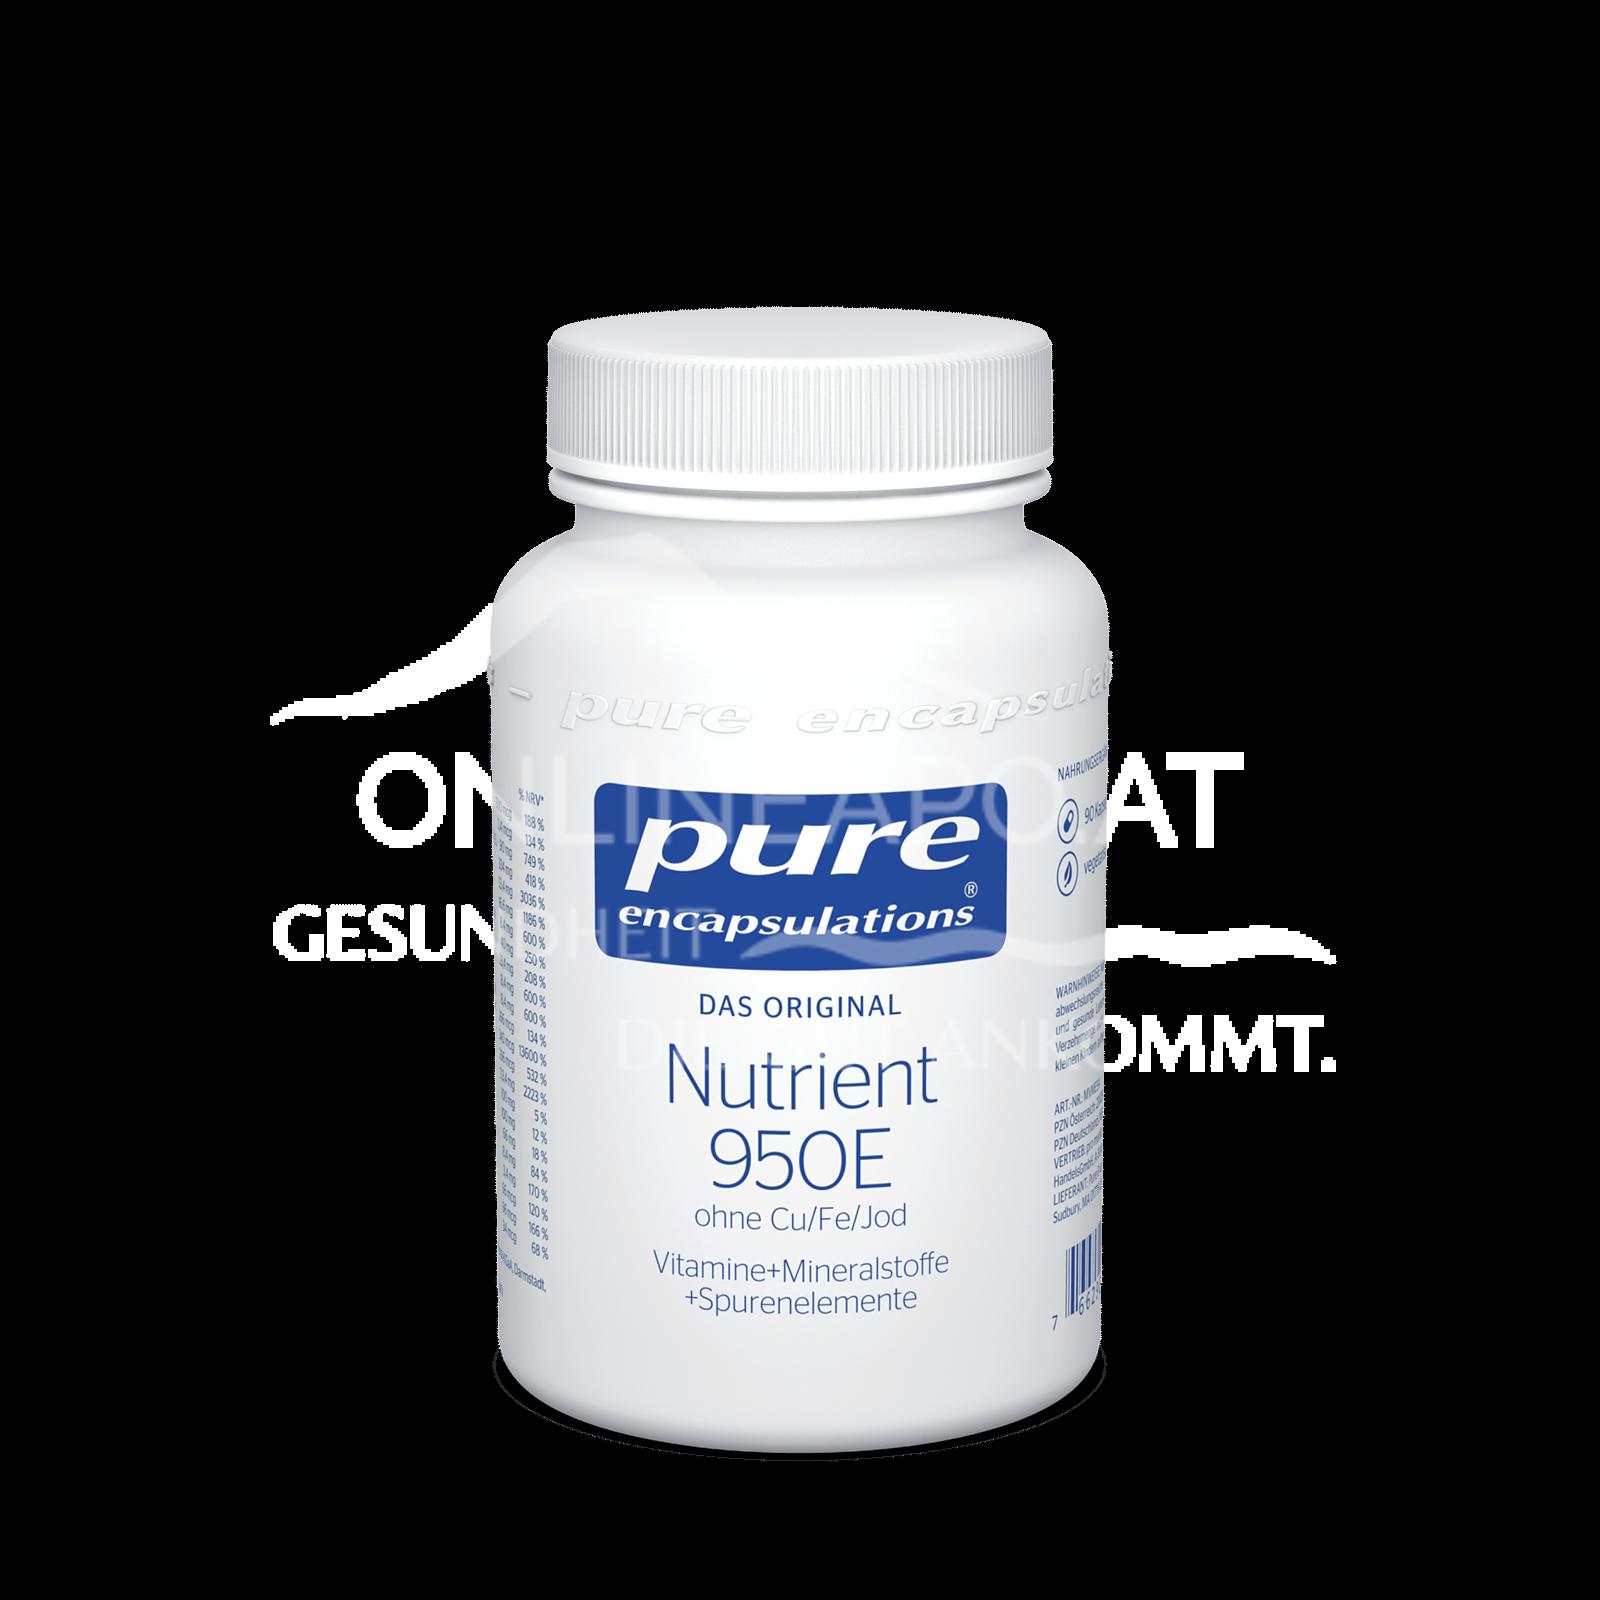 pure encapsulations® Nutrient 950E ohne Cu/Fe/Jod